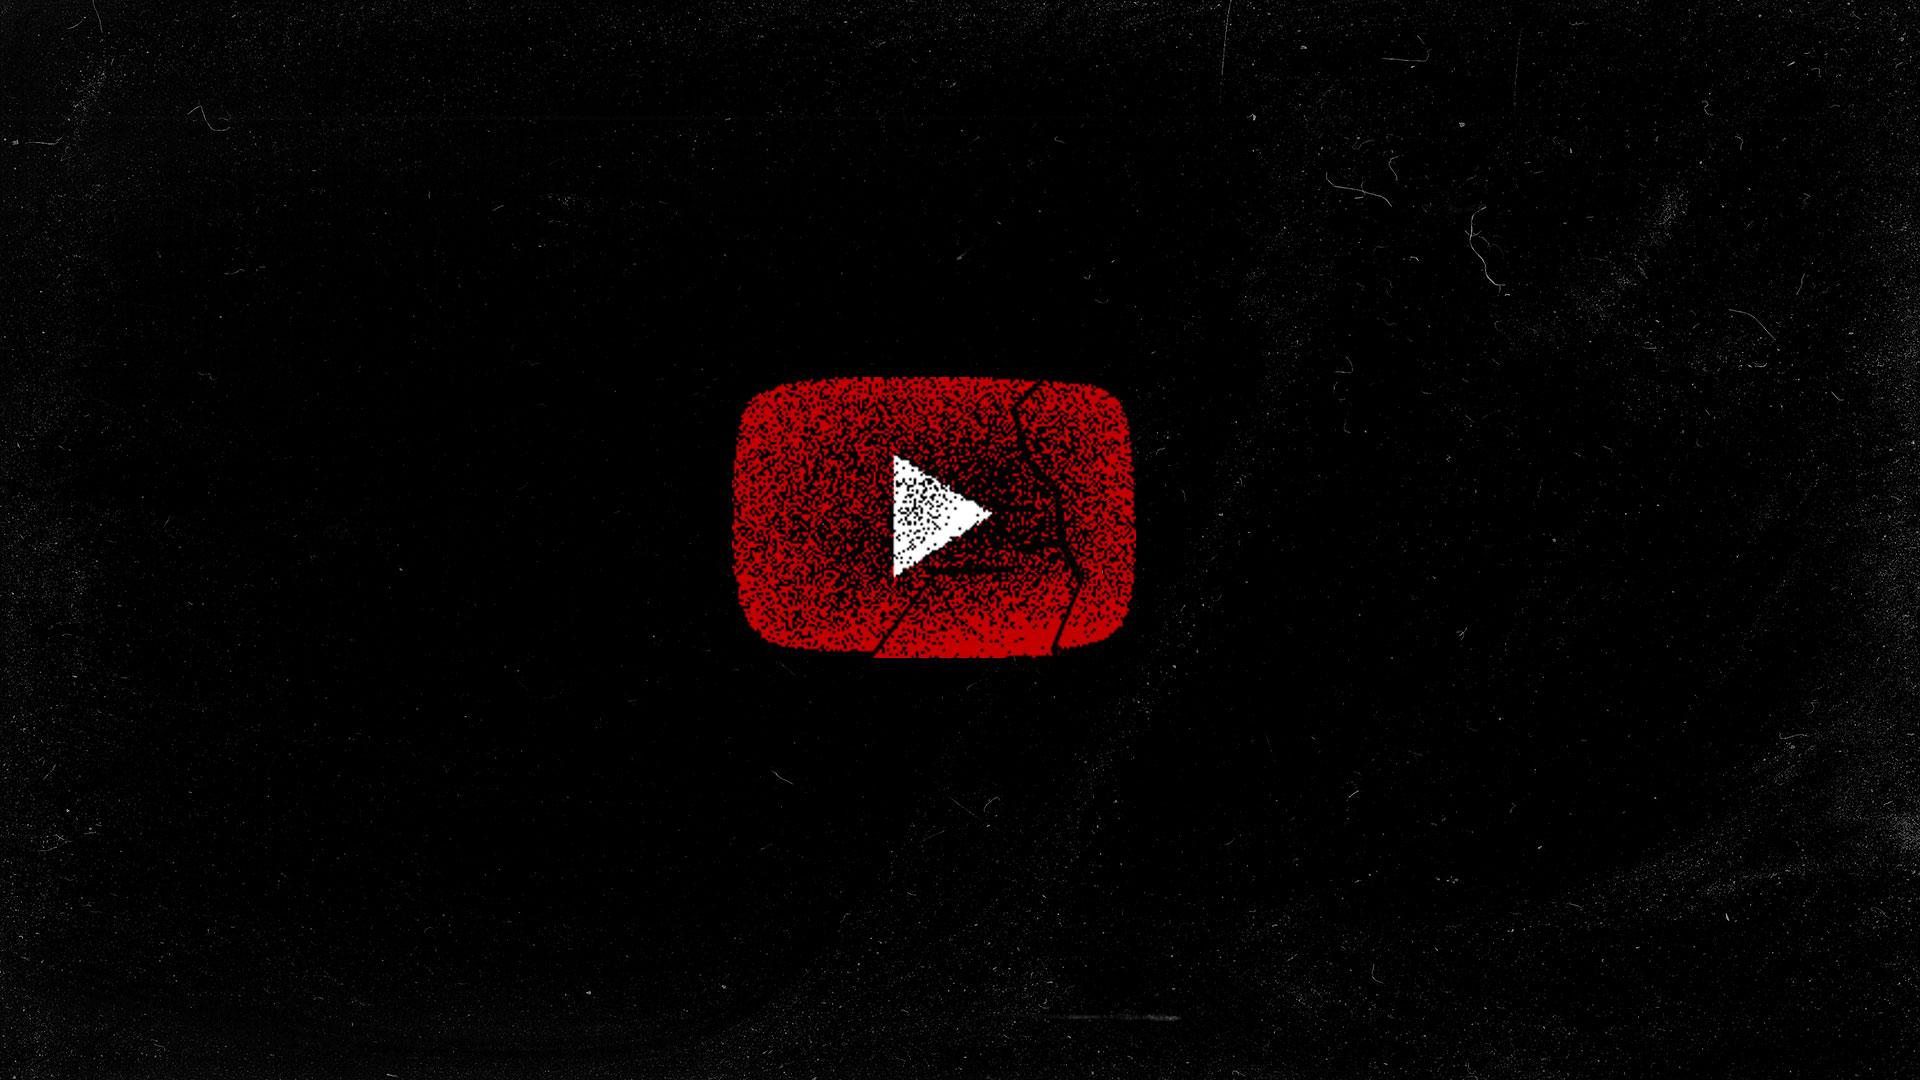 youtube_illu_2.jpg